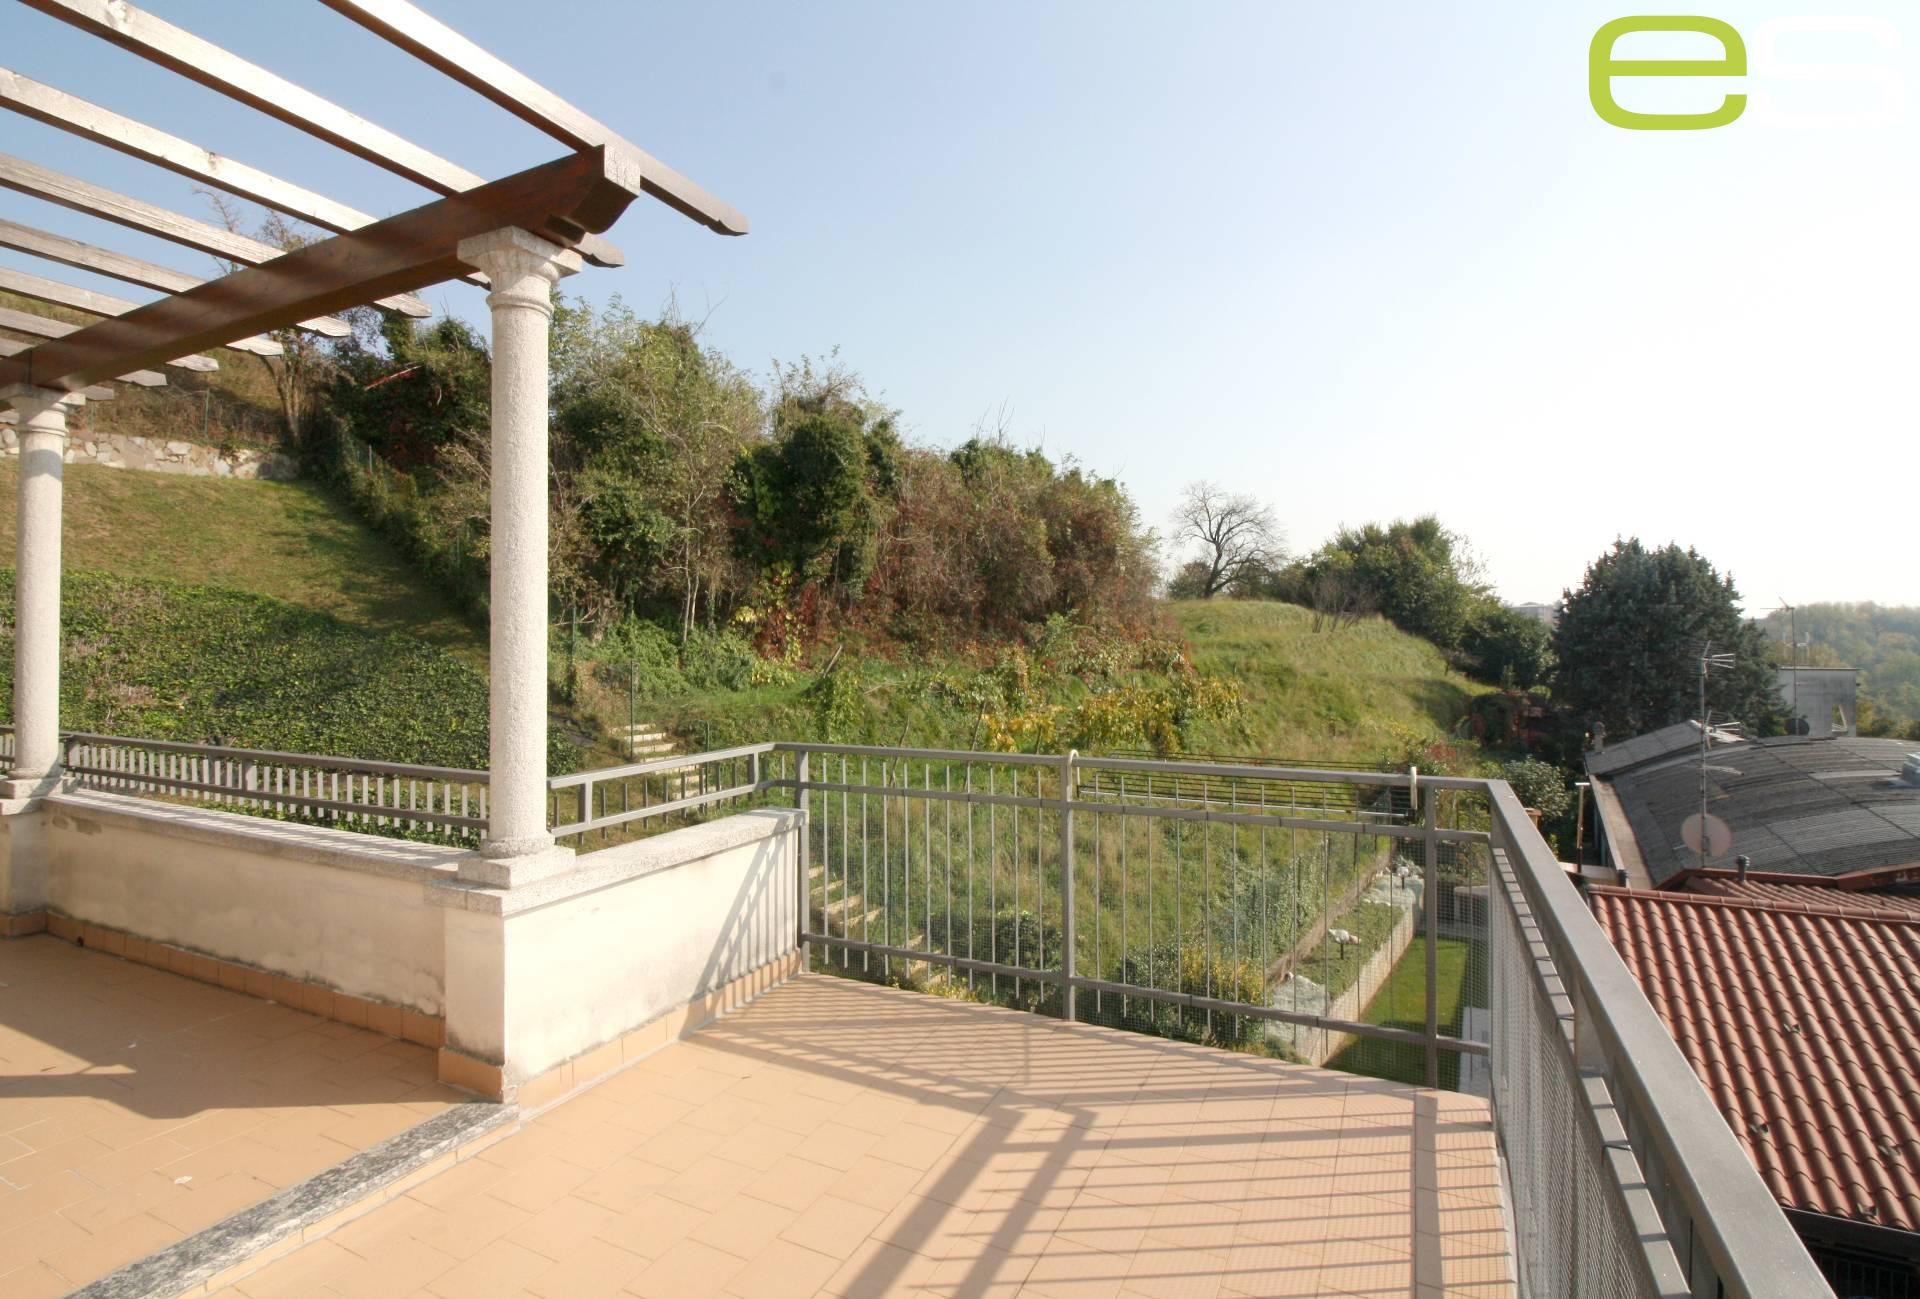 Appartamento in vendita a Nibionno, 3 locali, zona Zona: Cibrone, prezzo € 152.000 | CambioCasa.it